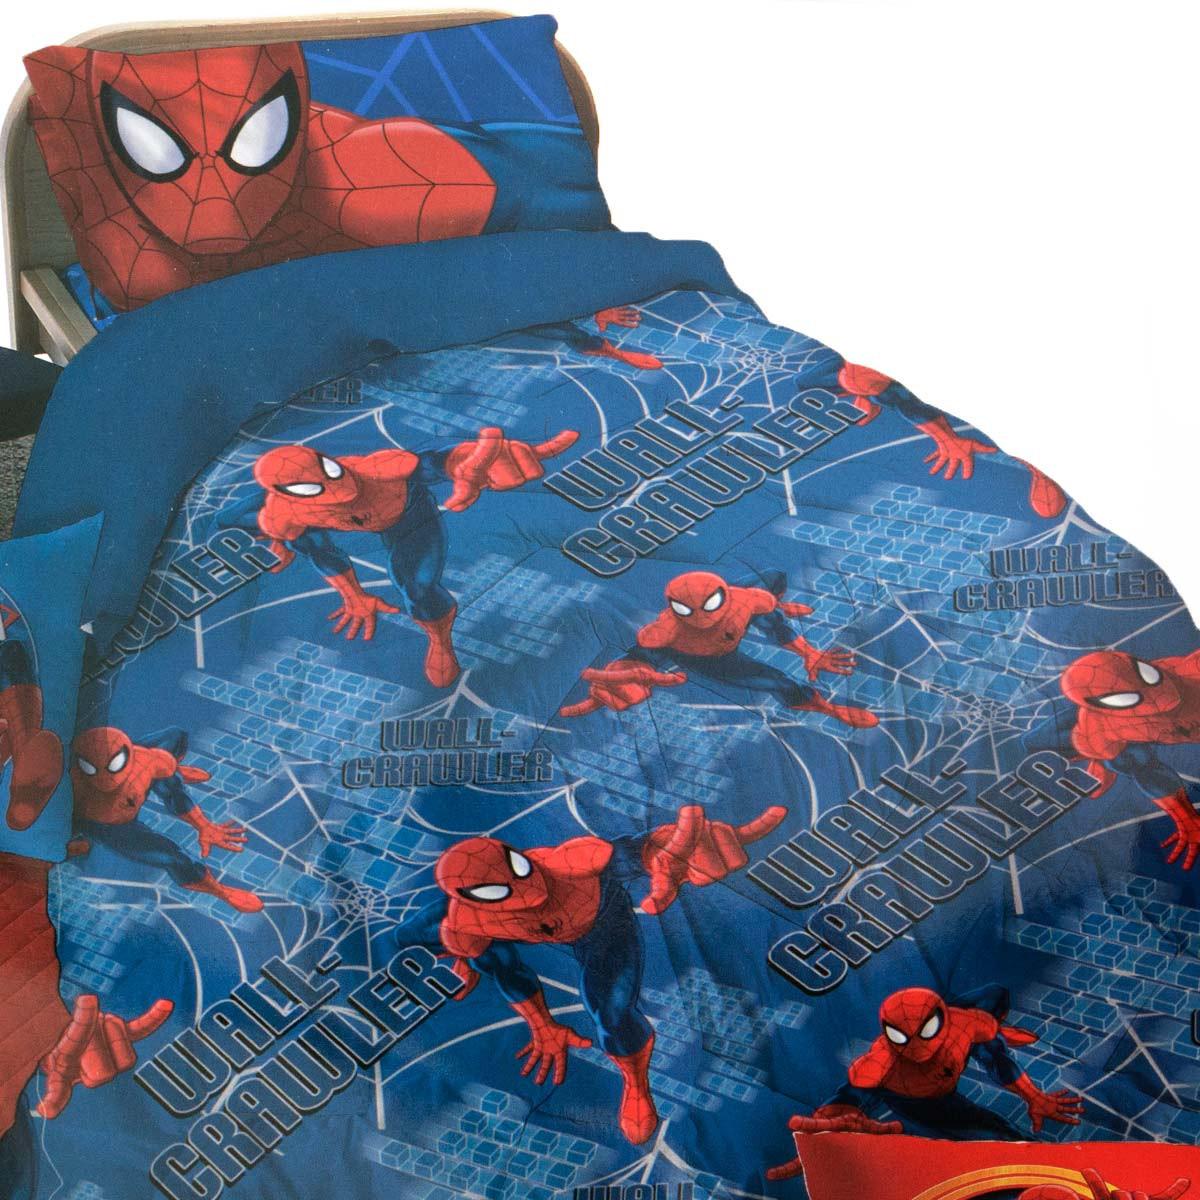 Completo lenzuola spiderman marvel in cotone singolo una piazza z014. Gbh 41894 Trapunte Singole Trapunta Spiderman Singola Piumone Uomo Ragno Microfibra By Marvel